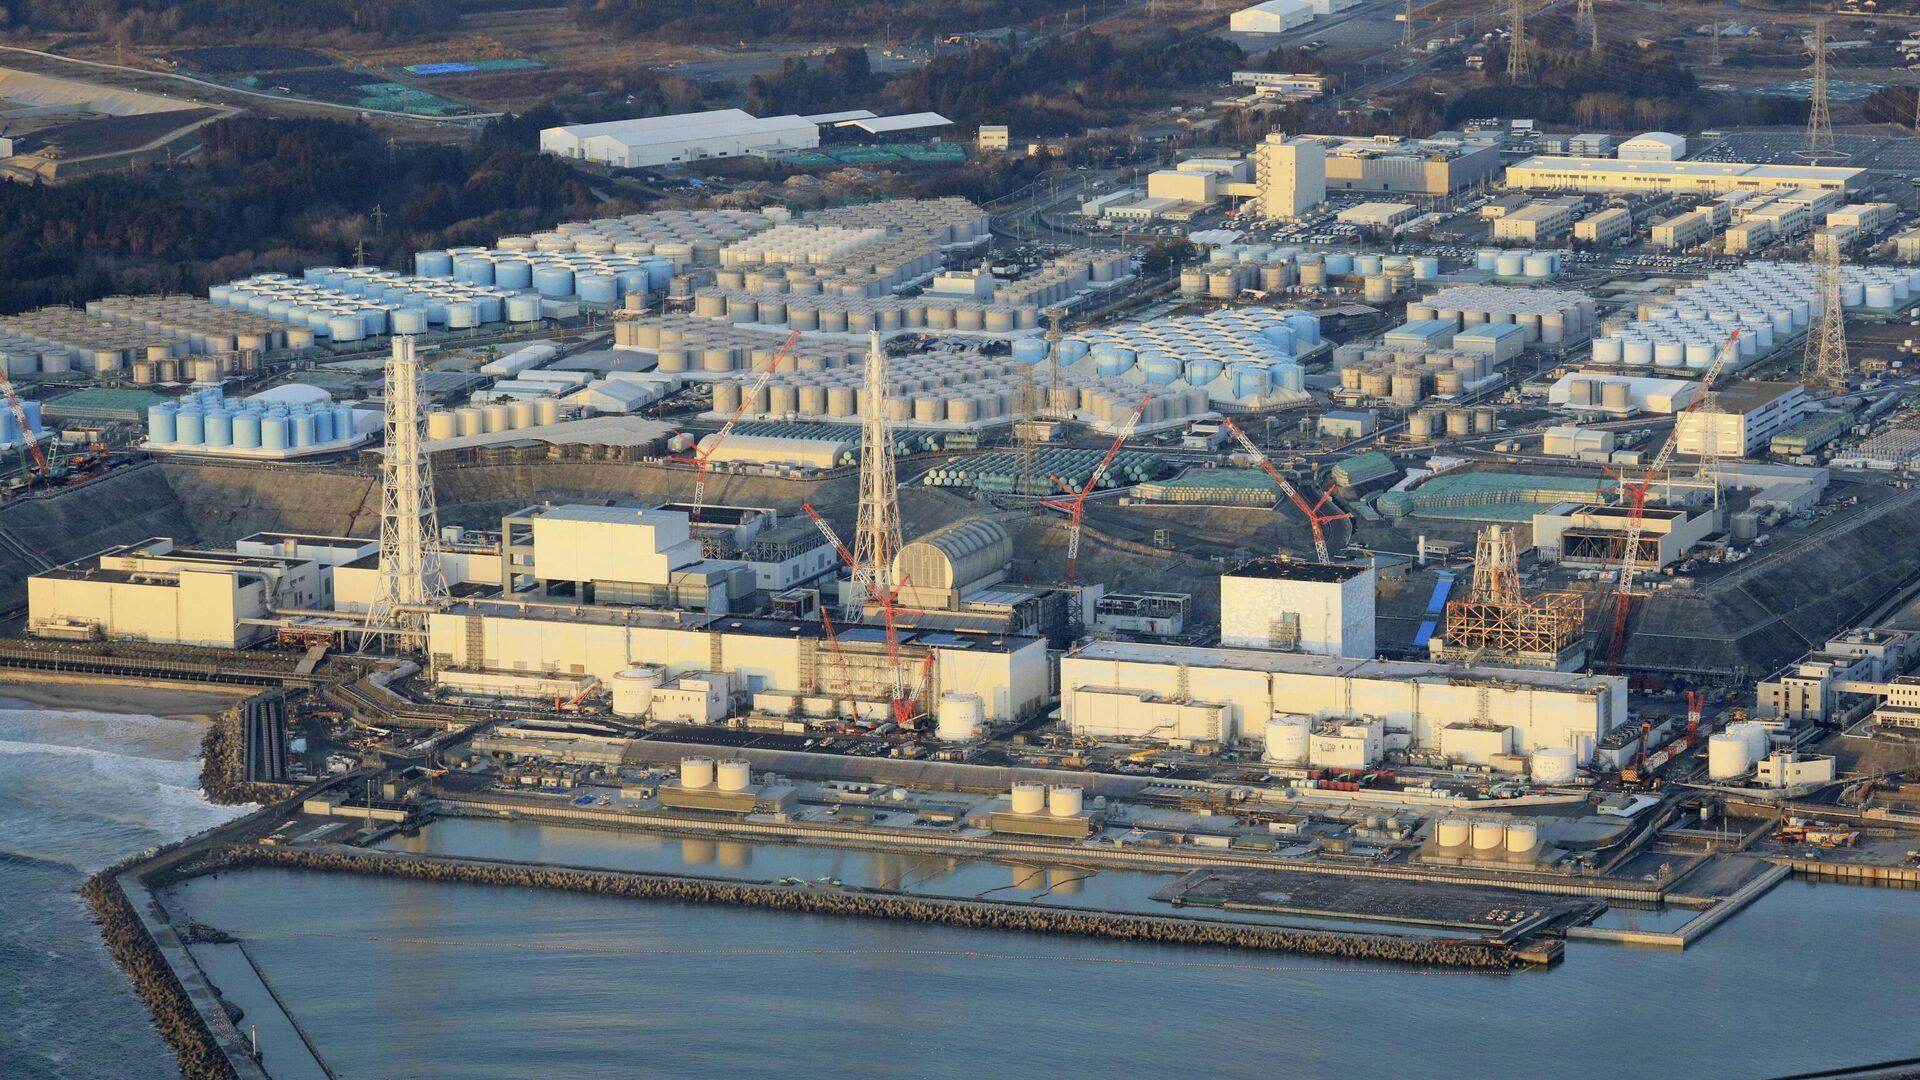 Атомная электростанция Фукусима-дайити в городе Окума, префектура Фукусима. 14 февраля 2021 года - РИА Новости, 1920, 26.02.2021